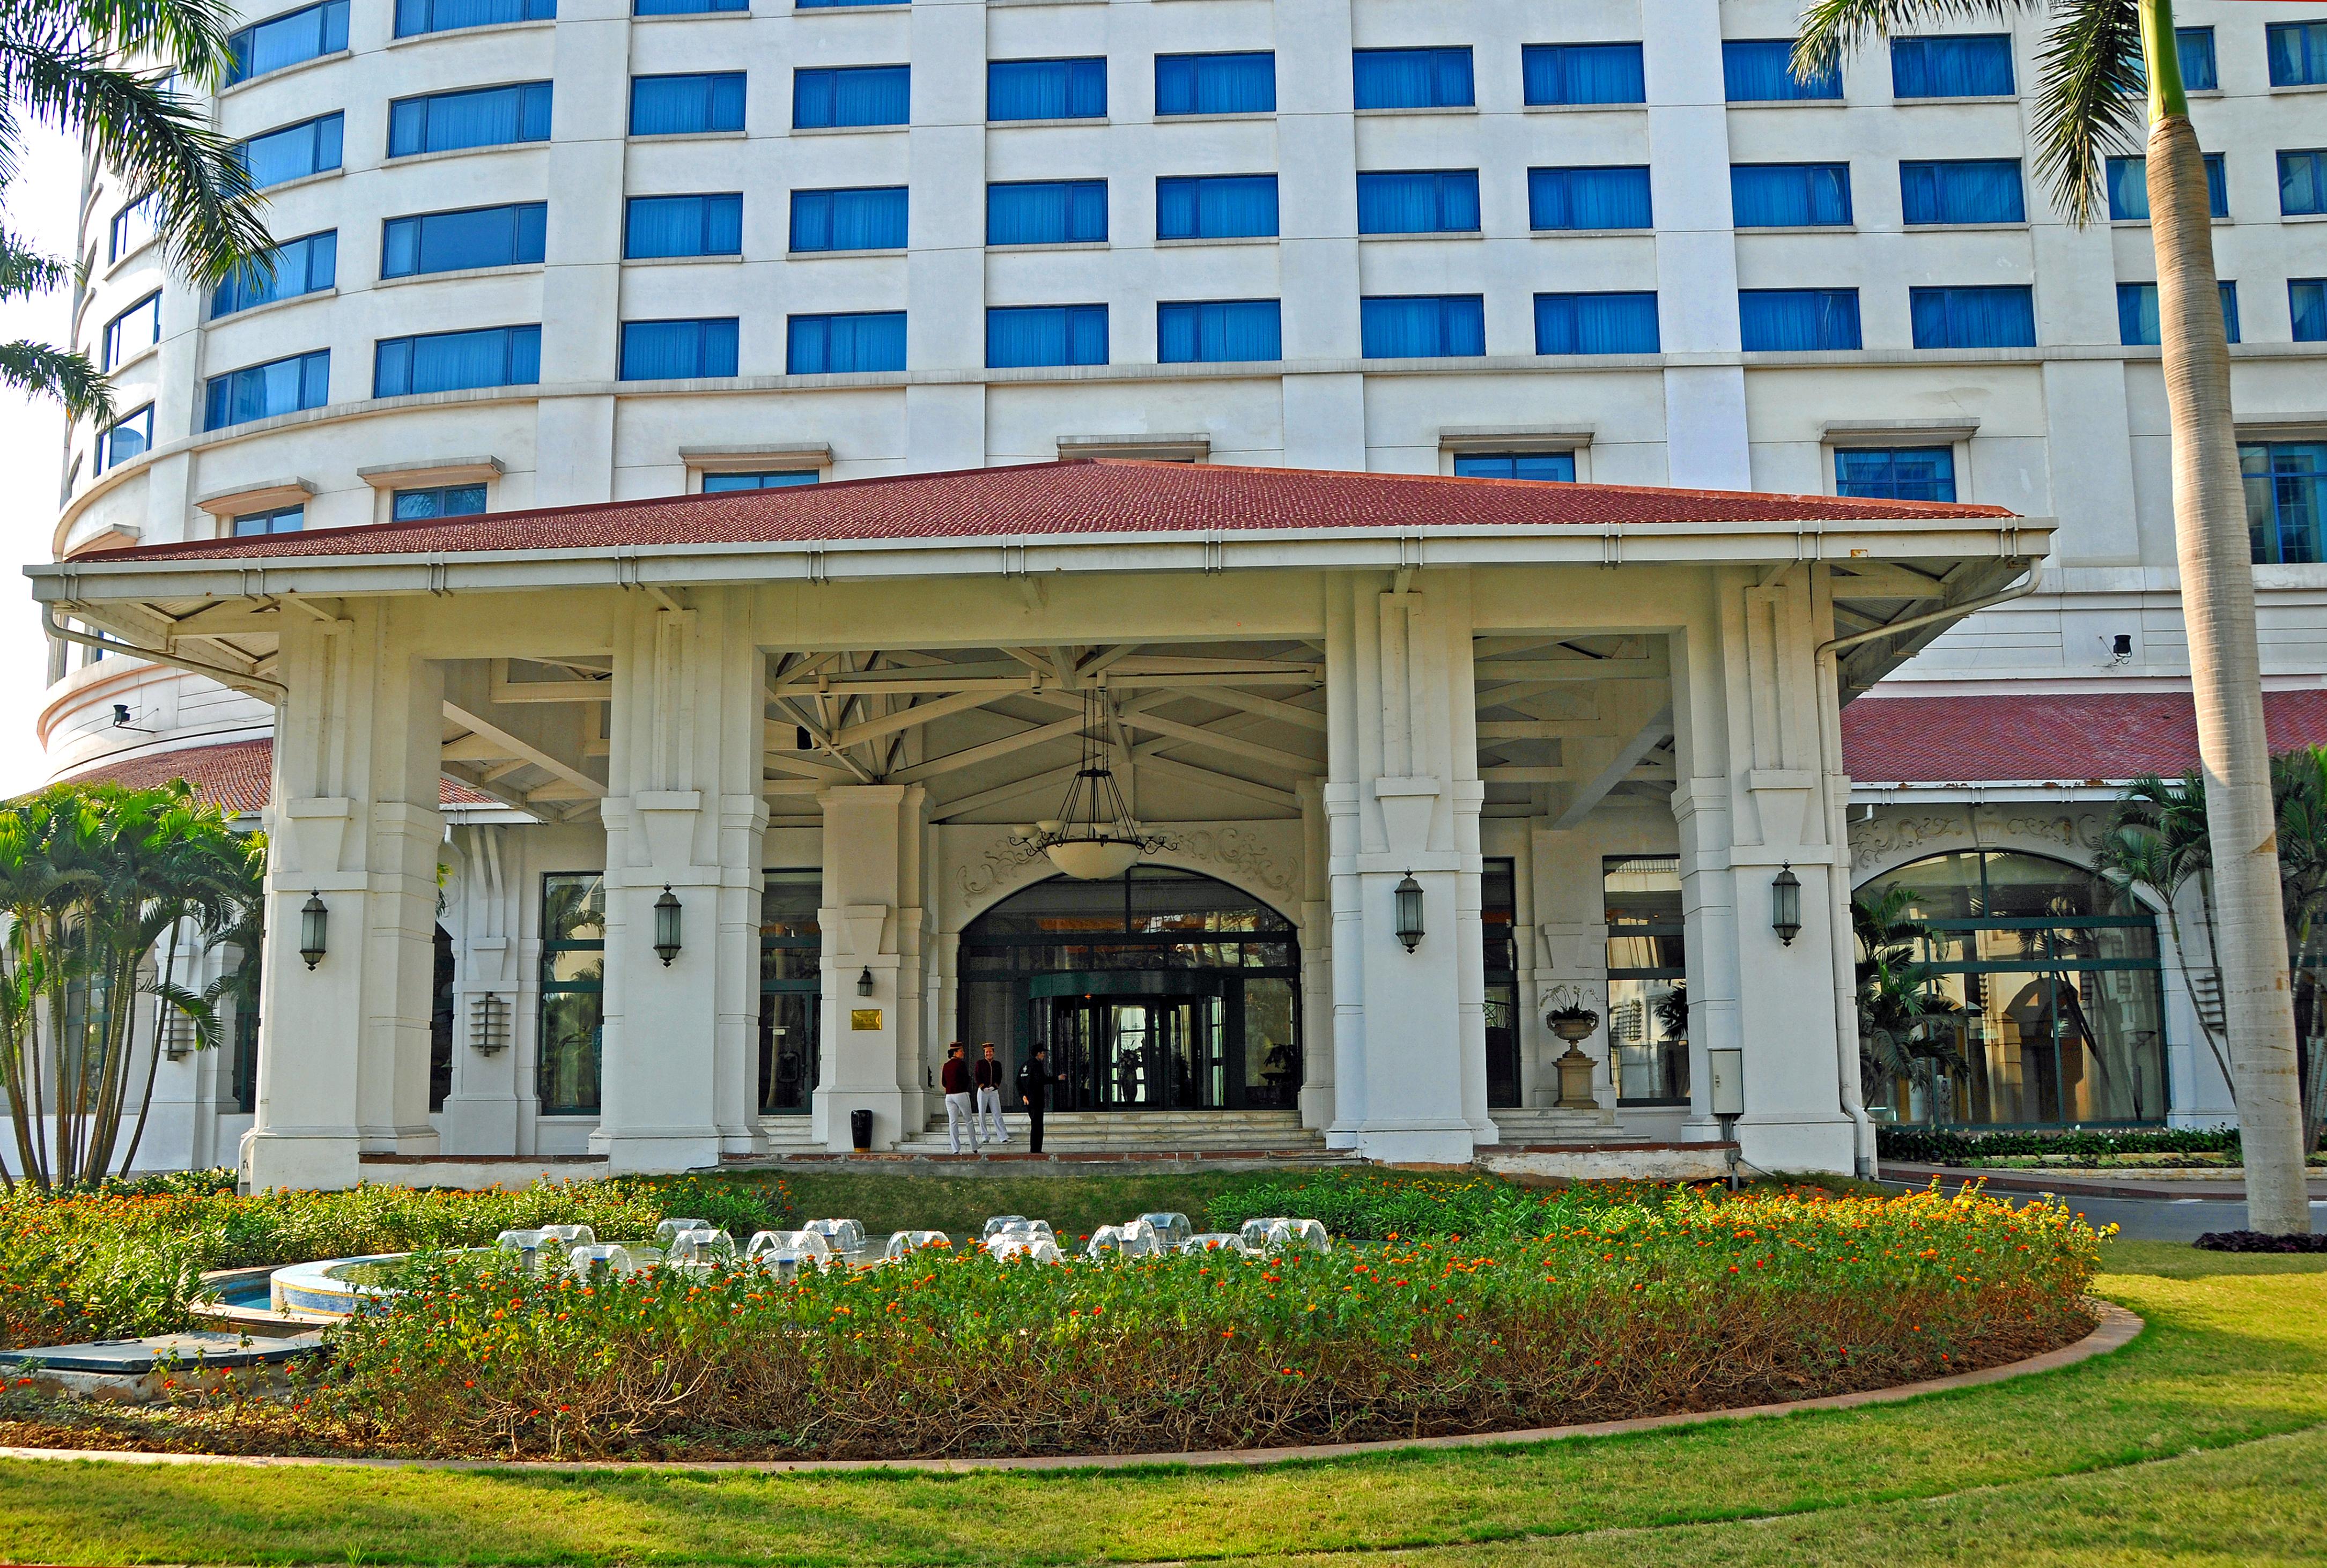 File:Hanoi Daewoo Hotel 2.jpg - Wikimedia Commons